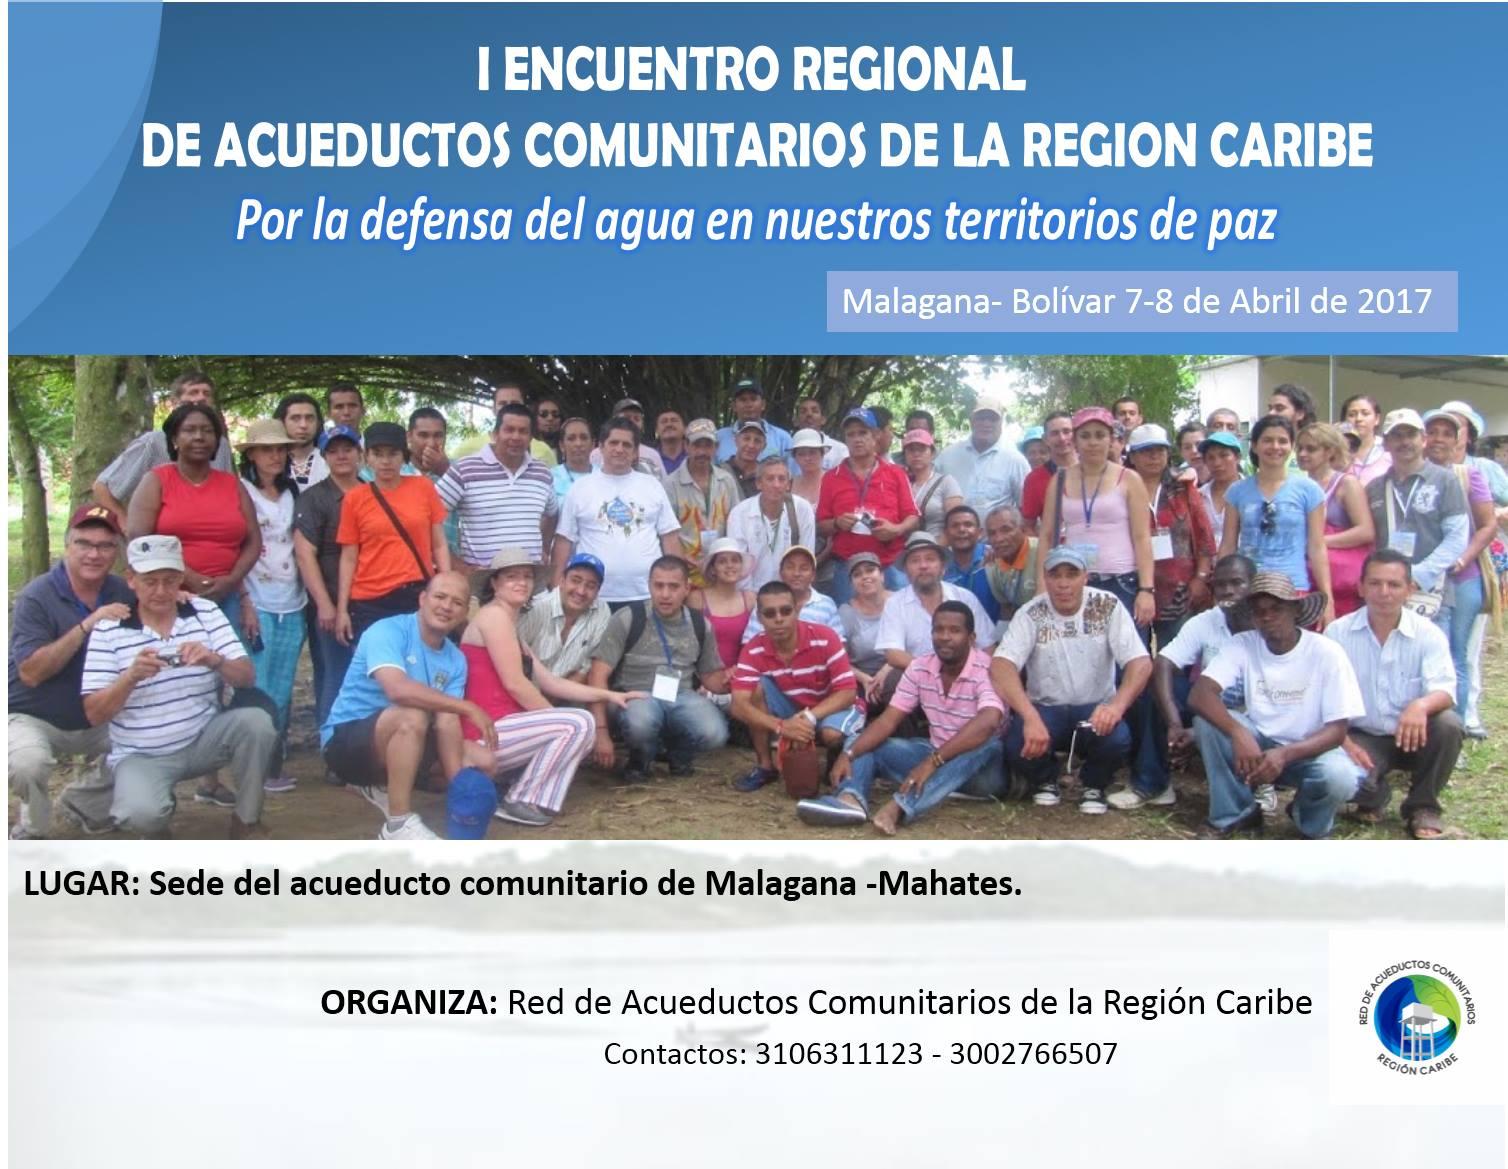 invitacion I Encuentro